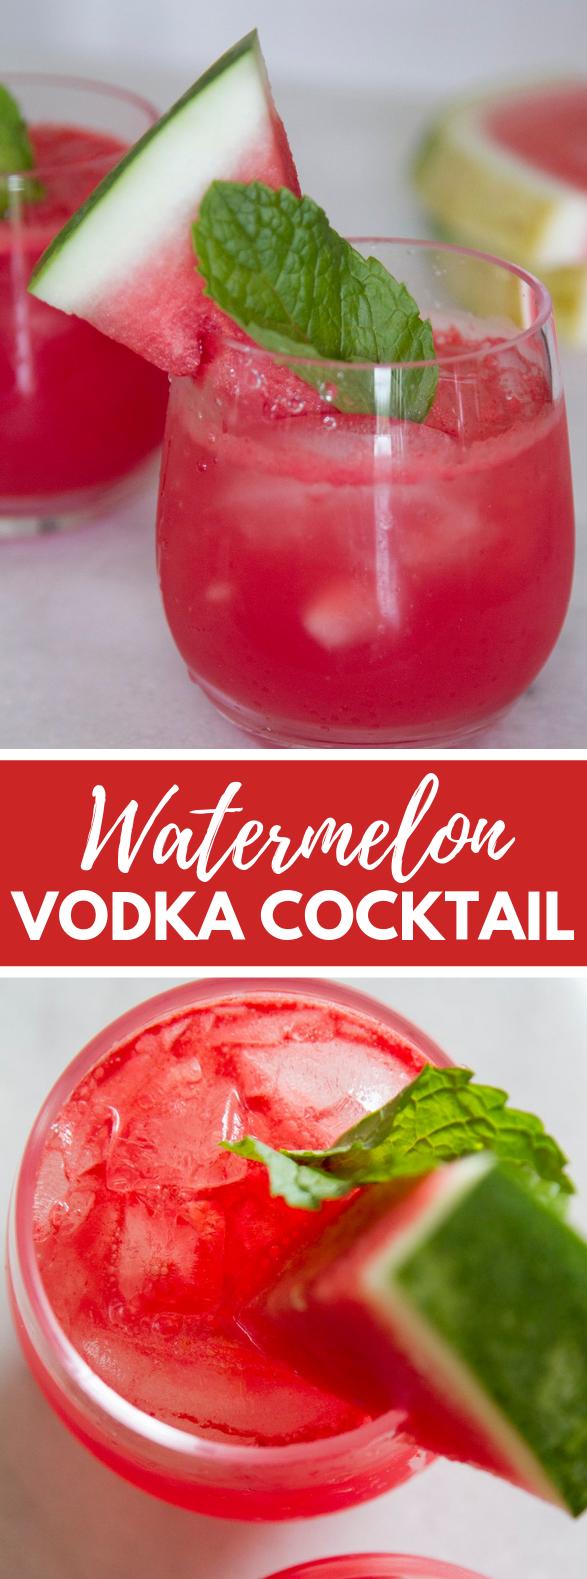 Watermelon Vodka Cocktail #drink #summer